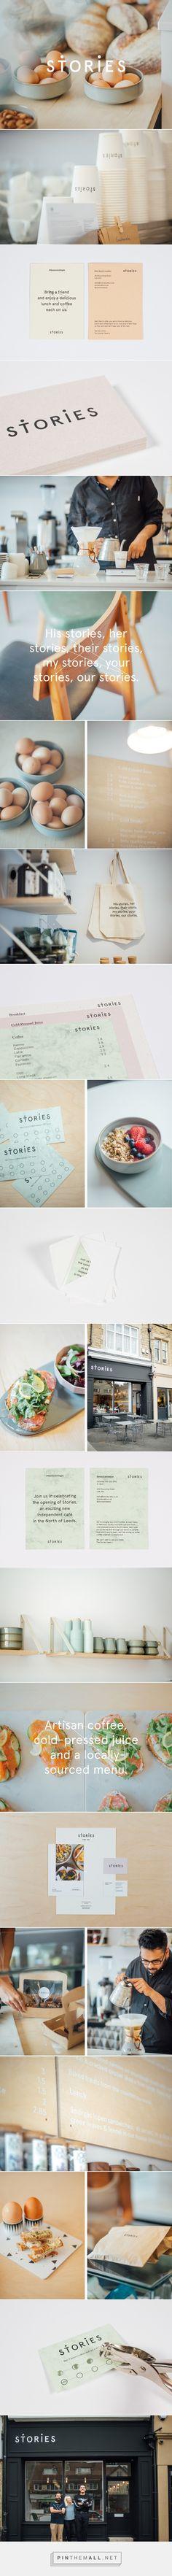 Stories on Behance - cafe branding, restaurant branding, visual identity, brand design, modern, contemporary #branding